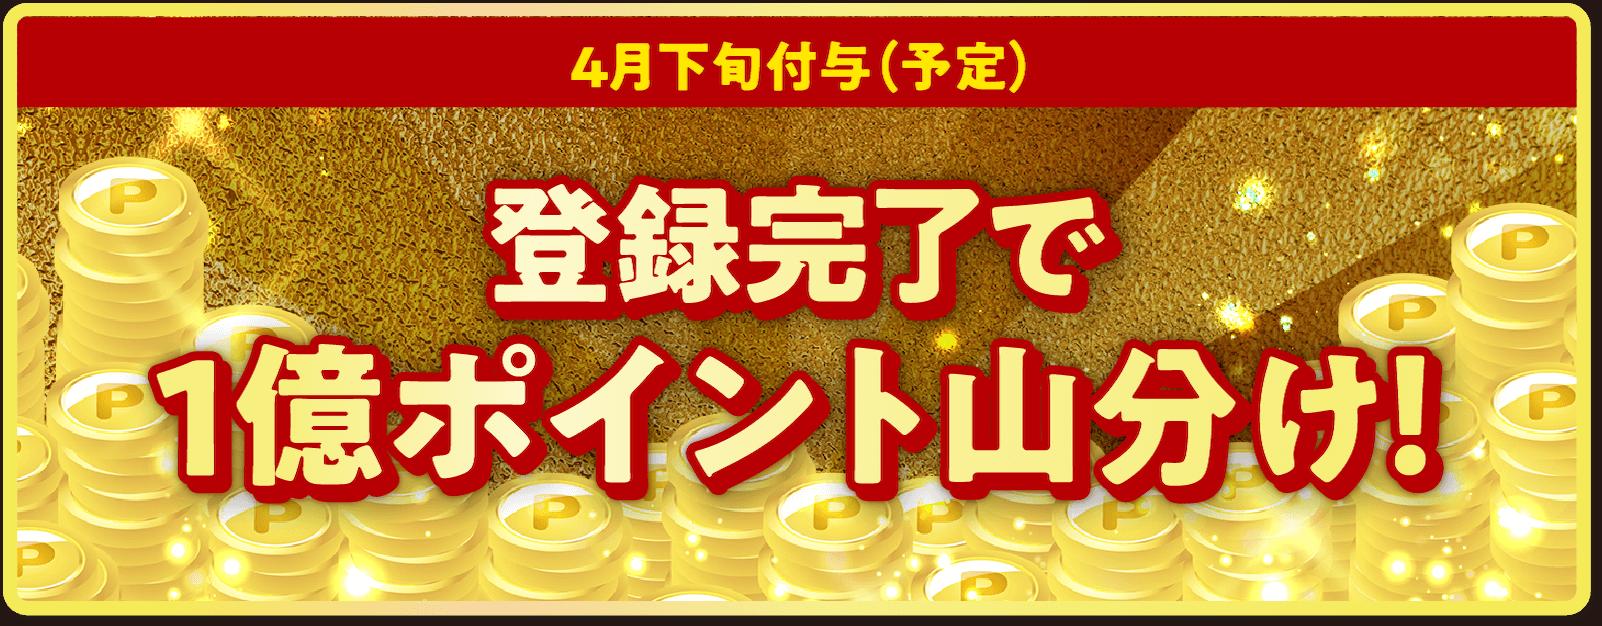 一 億 山分け 総額1億ポイントプレゼント|三井ショッピングパークポイント会員